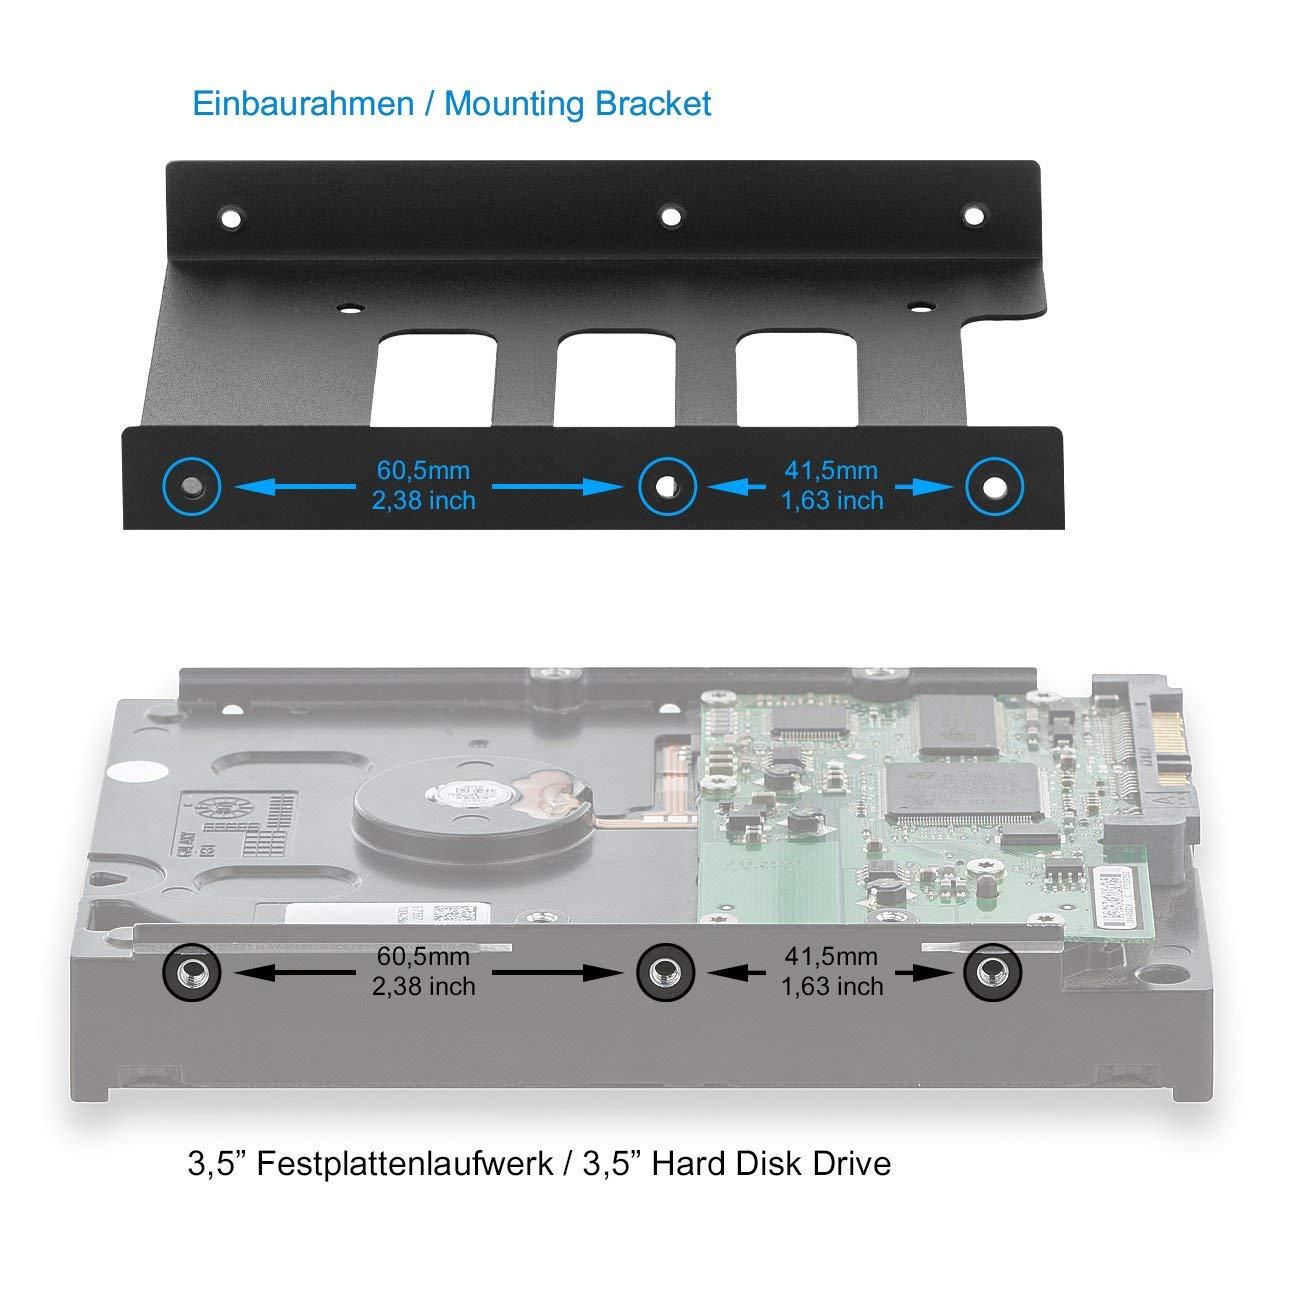 SSD a 3,5 Marco de Montaje Desmontable Marco de Montaje rieles con Tornillos incluidos Cable SATA y Adaptador de Corriente Marco de Montaje deleyCON para Discos Duros de 2,5